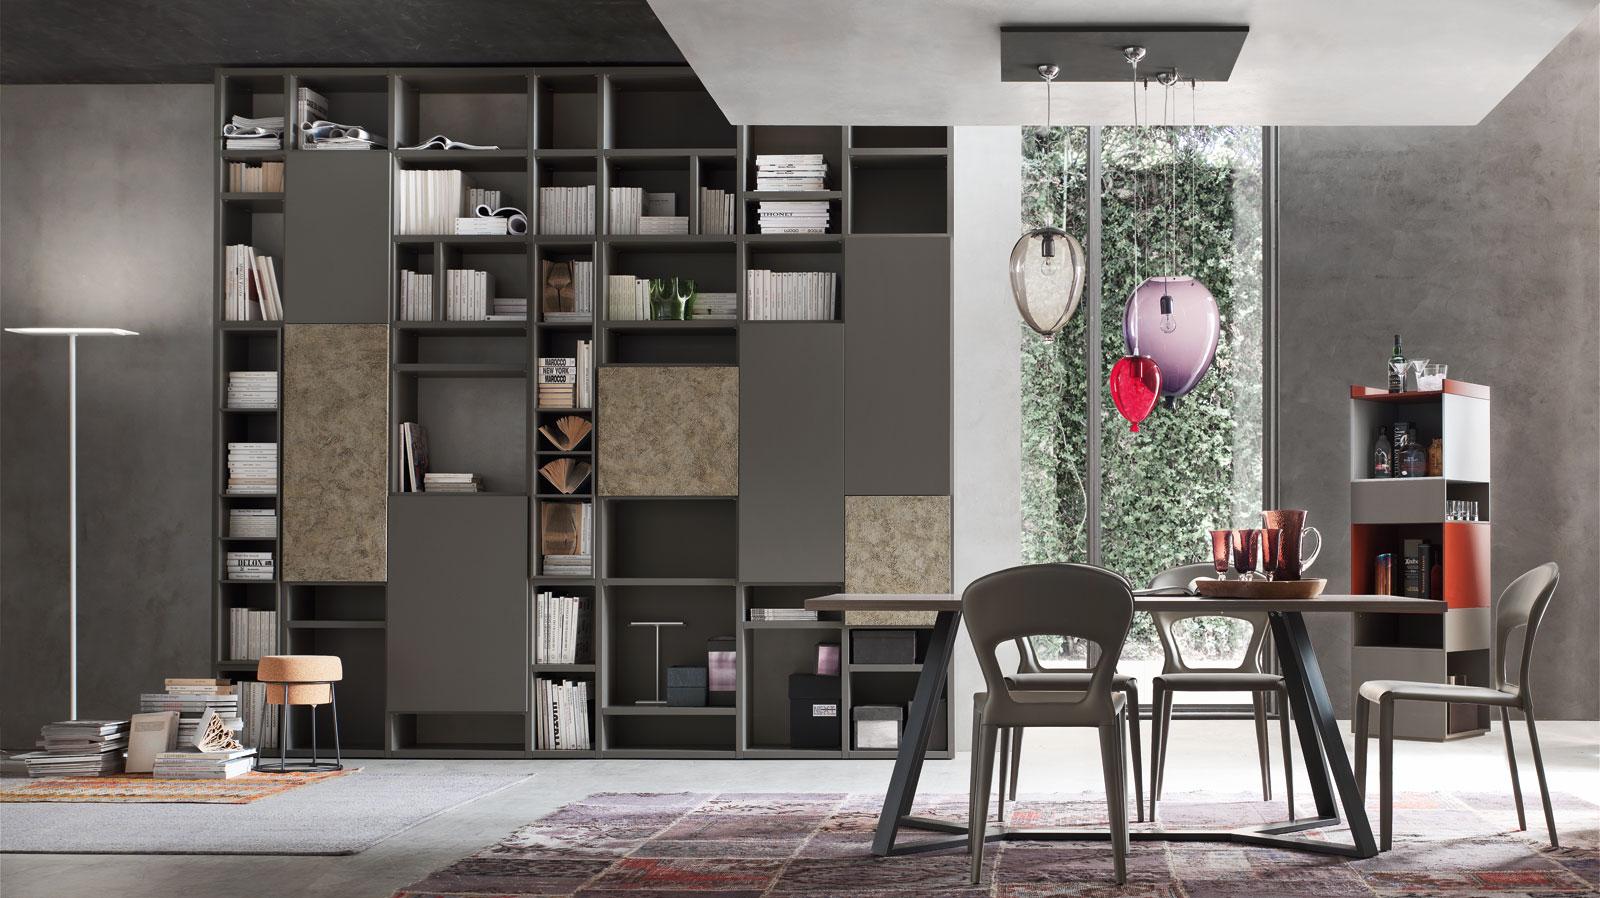 Progetti d'arredo <italic>dal design</italic> contemporaneo